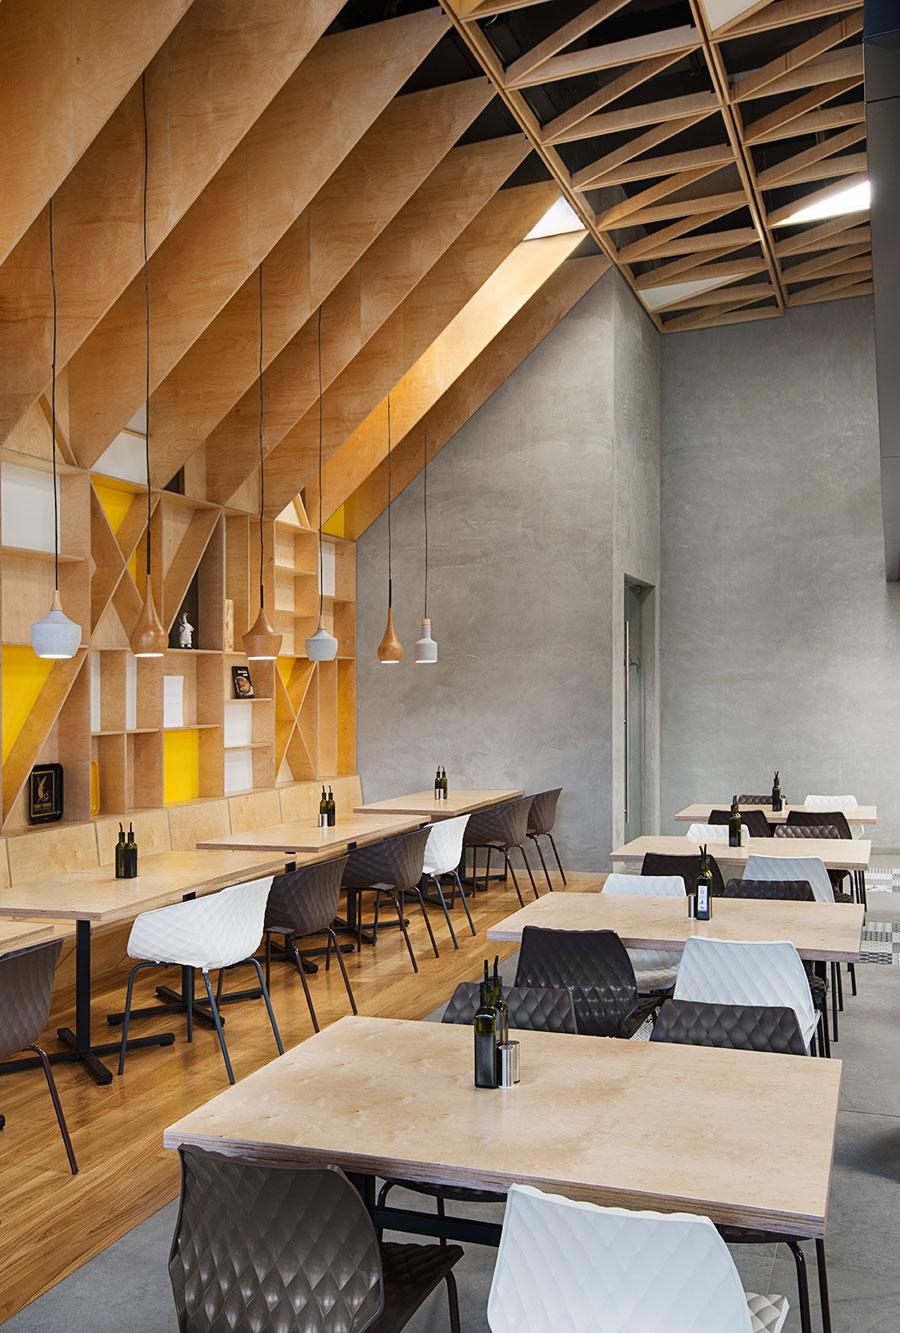 thiết kế quán trà sữa nhỏ đẹp lung linh ảnh 36